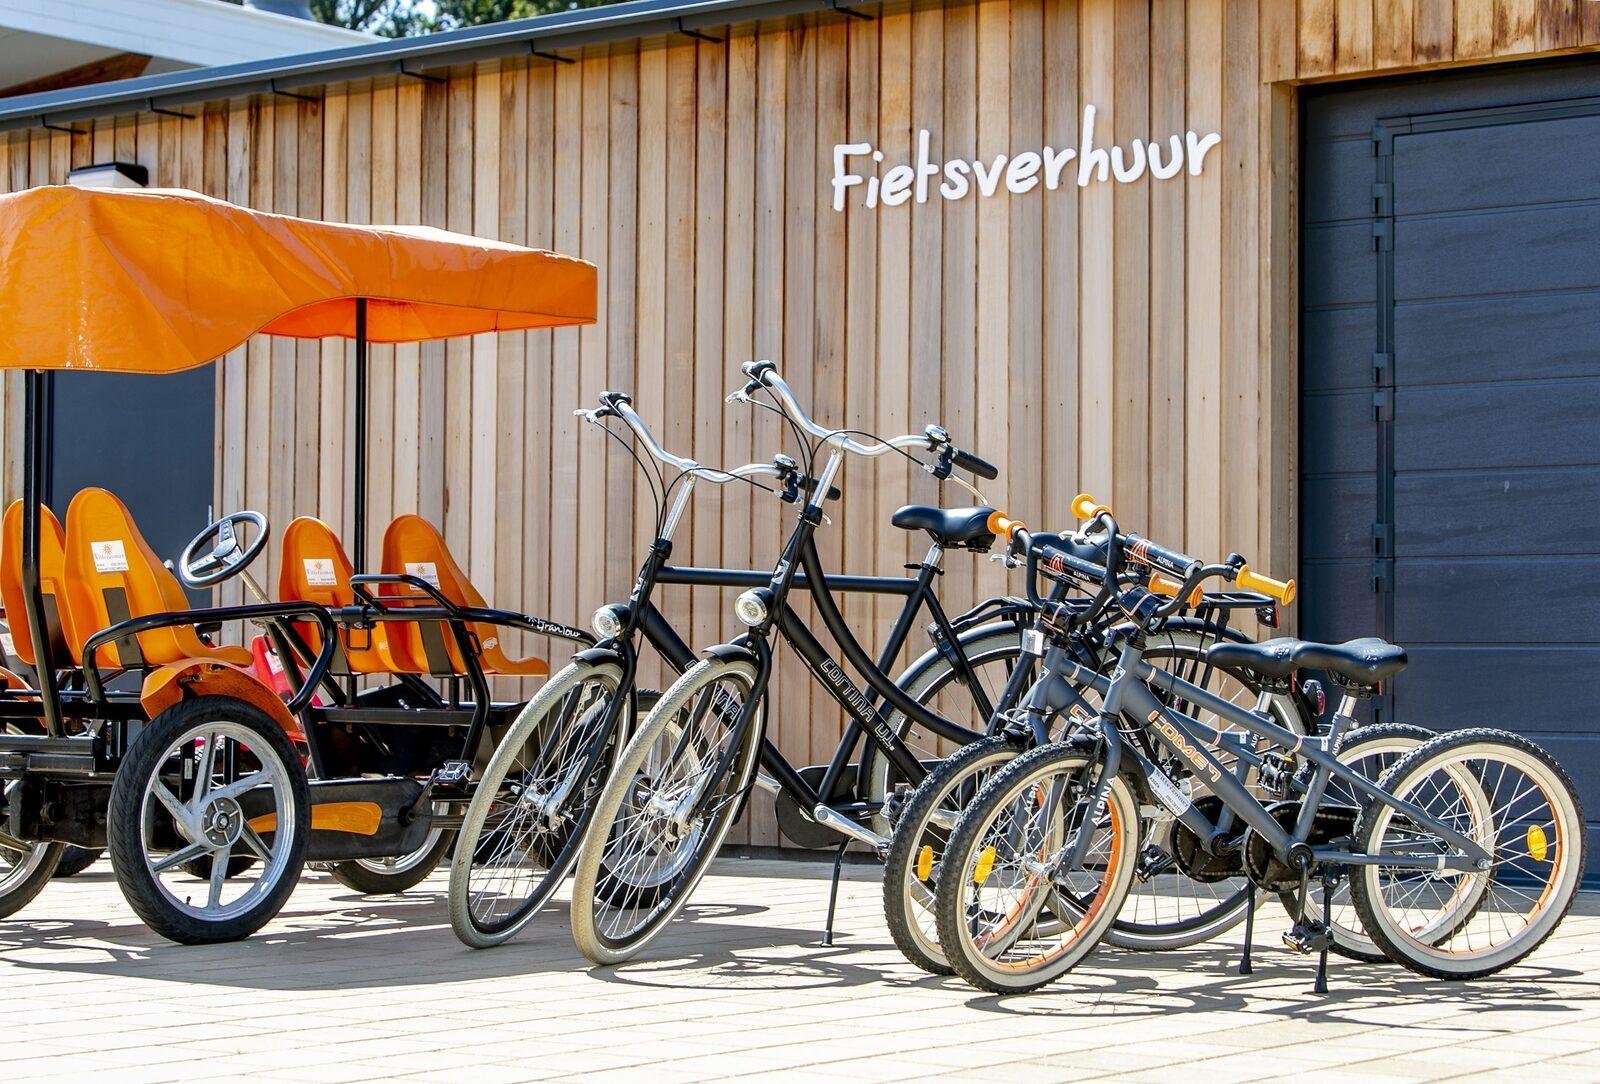 Vacature: Weekend-/vakantiehulp - Terrein, fietsen en onderhoud